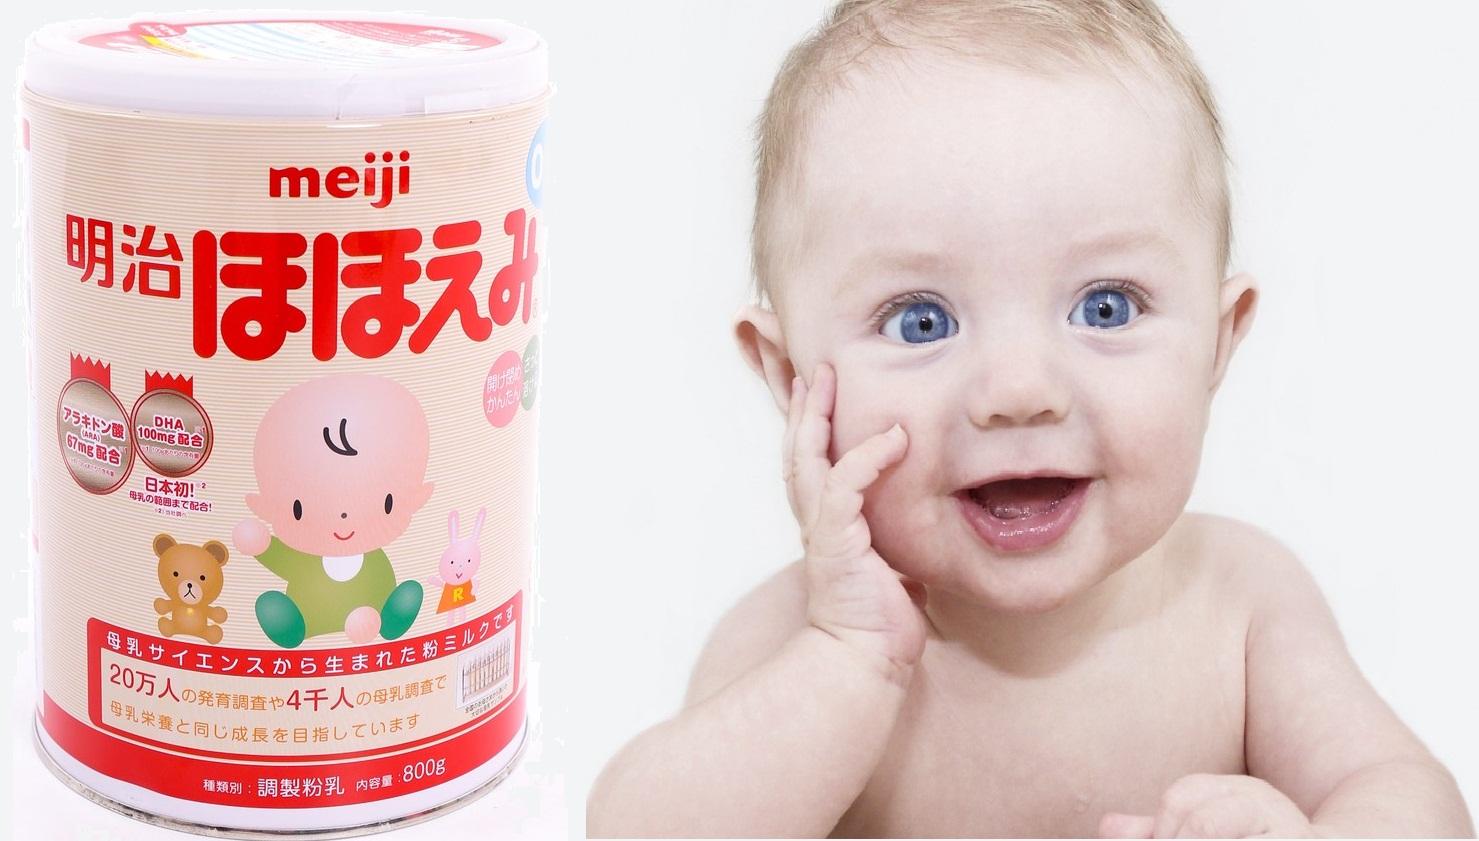 Sữa Meiji số 0 có tốt không? Bé uống tăng cân nhanh hay chậm?